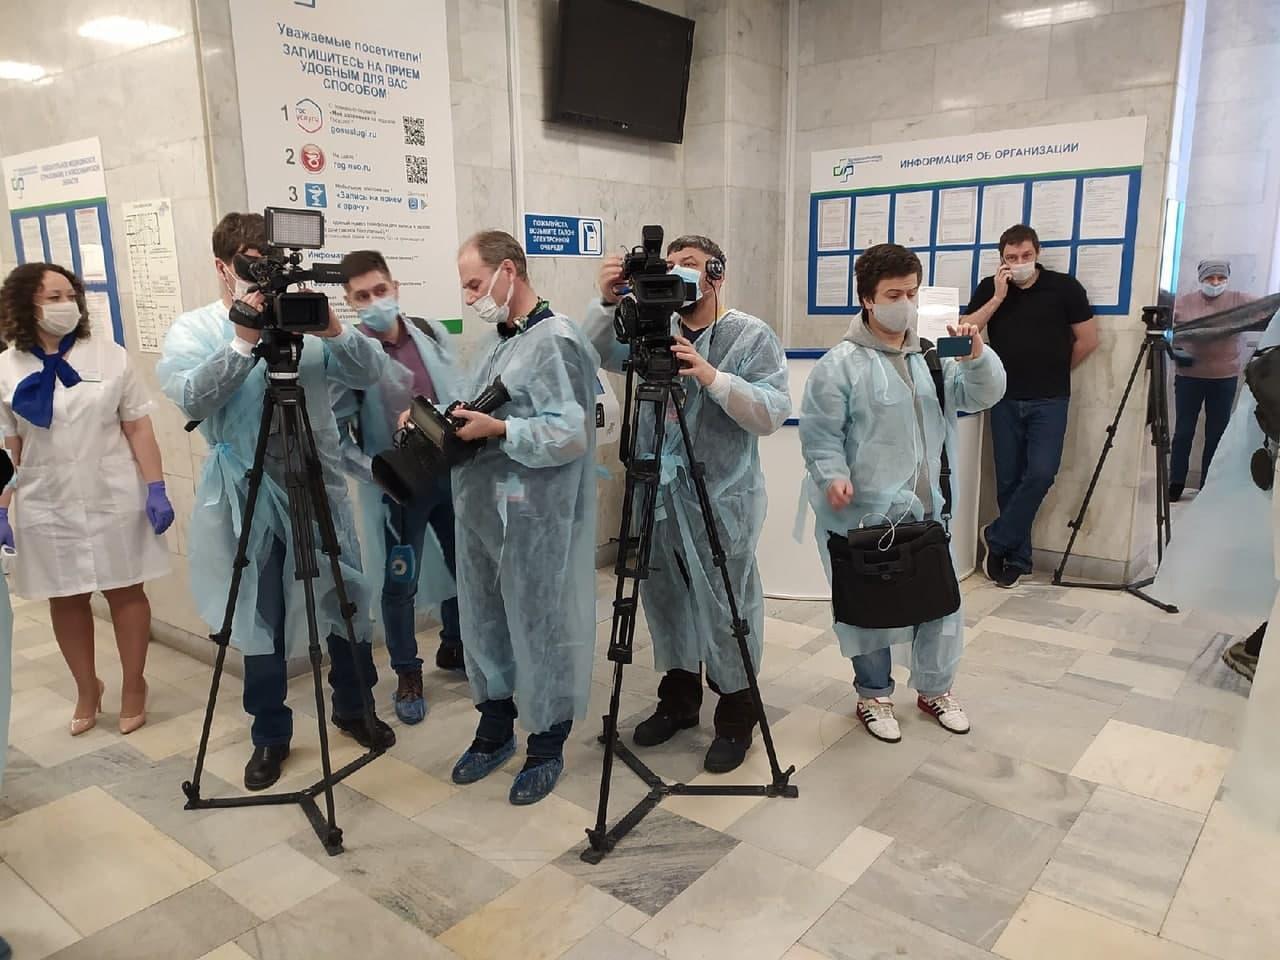 фото Министр здравоохранения Мурашко в Новосибирске: онлайн-трансляция на Сиб.фм 6